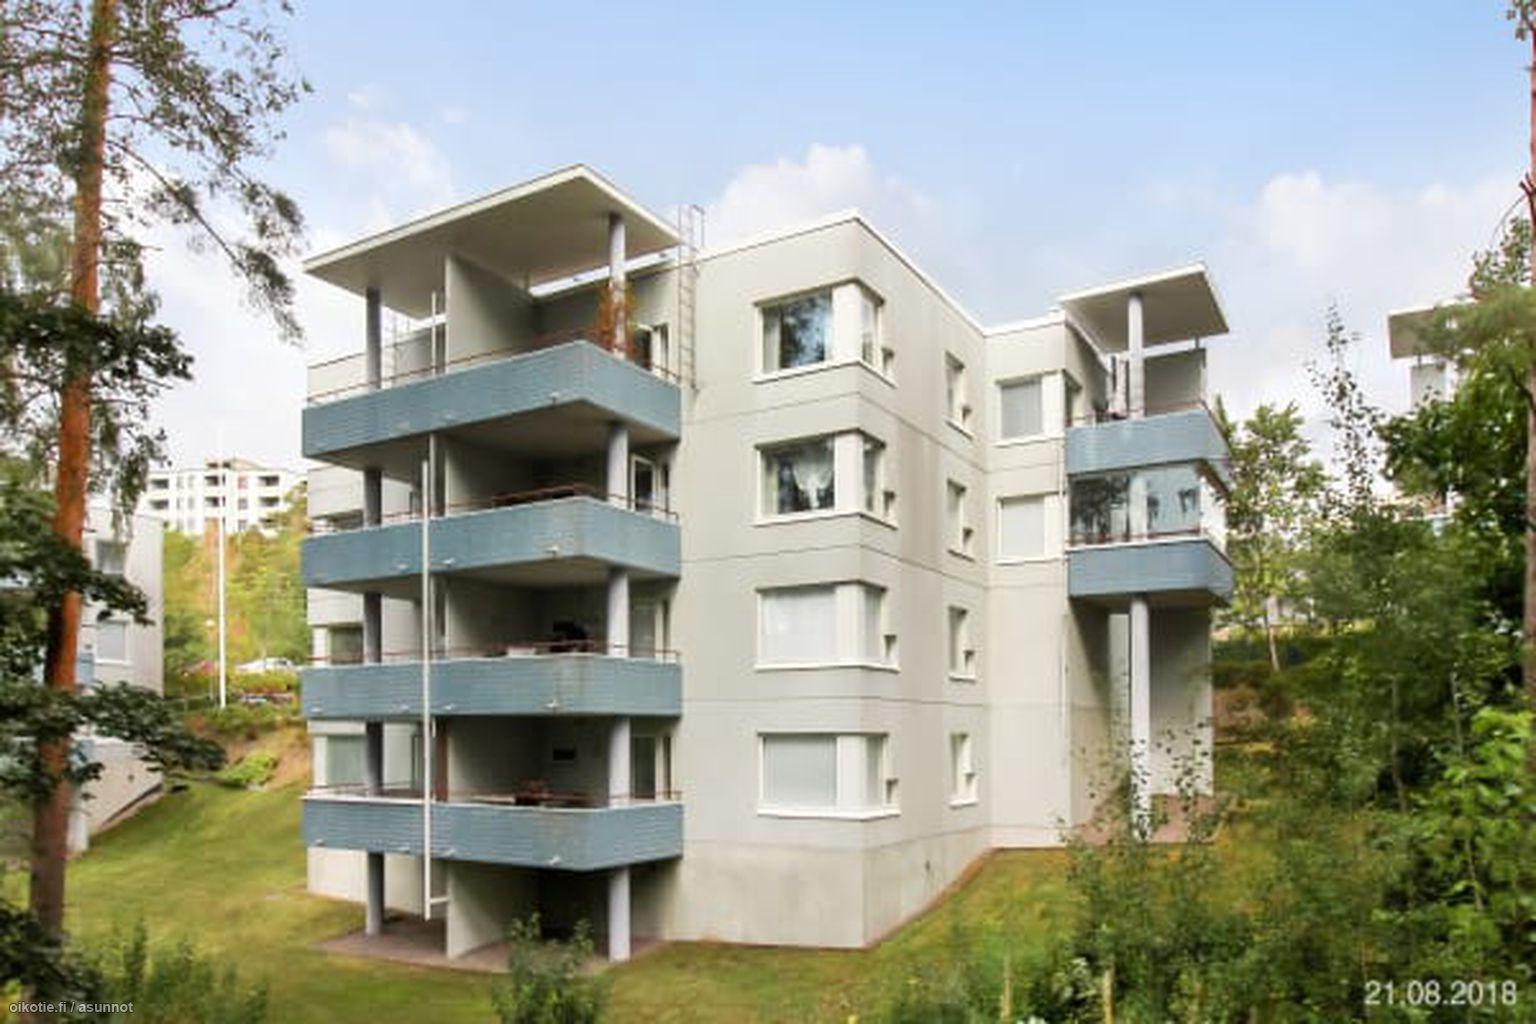 51 m² Soukankaari 12, 02360 Espoo Kerrostalo Kaksio vuokrattavana - Oikotie 7097615